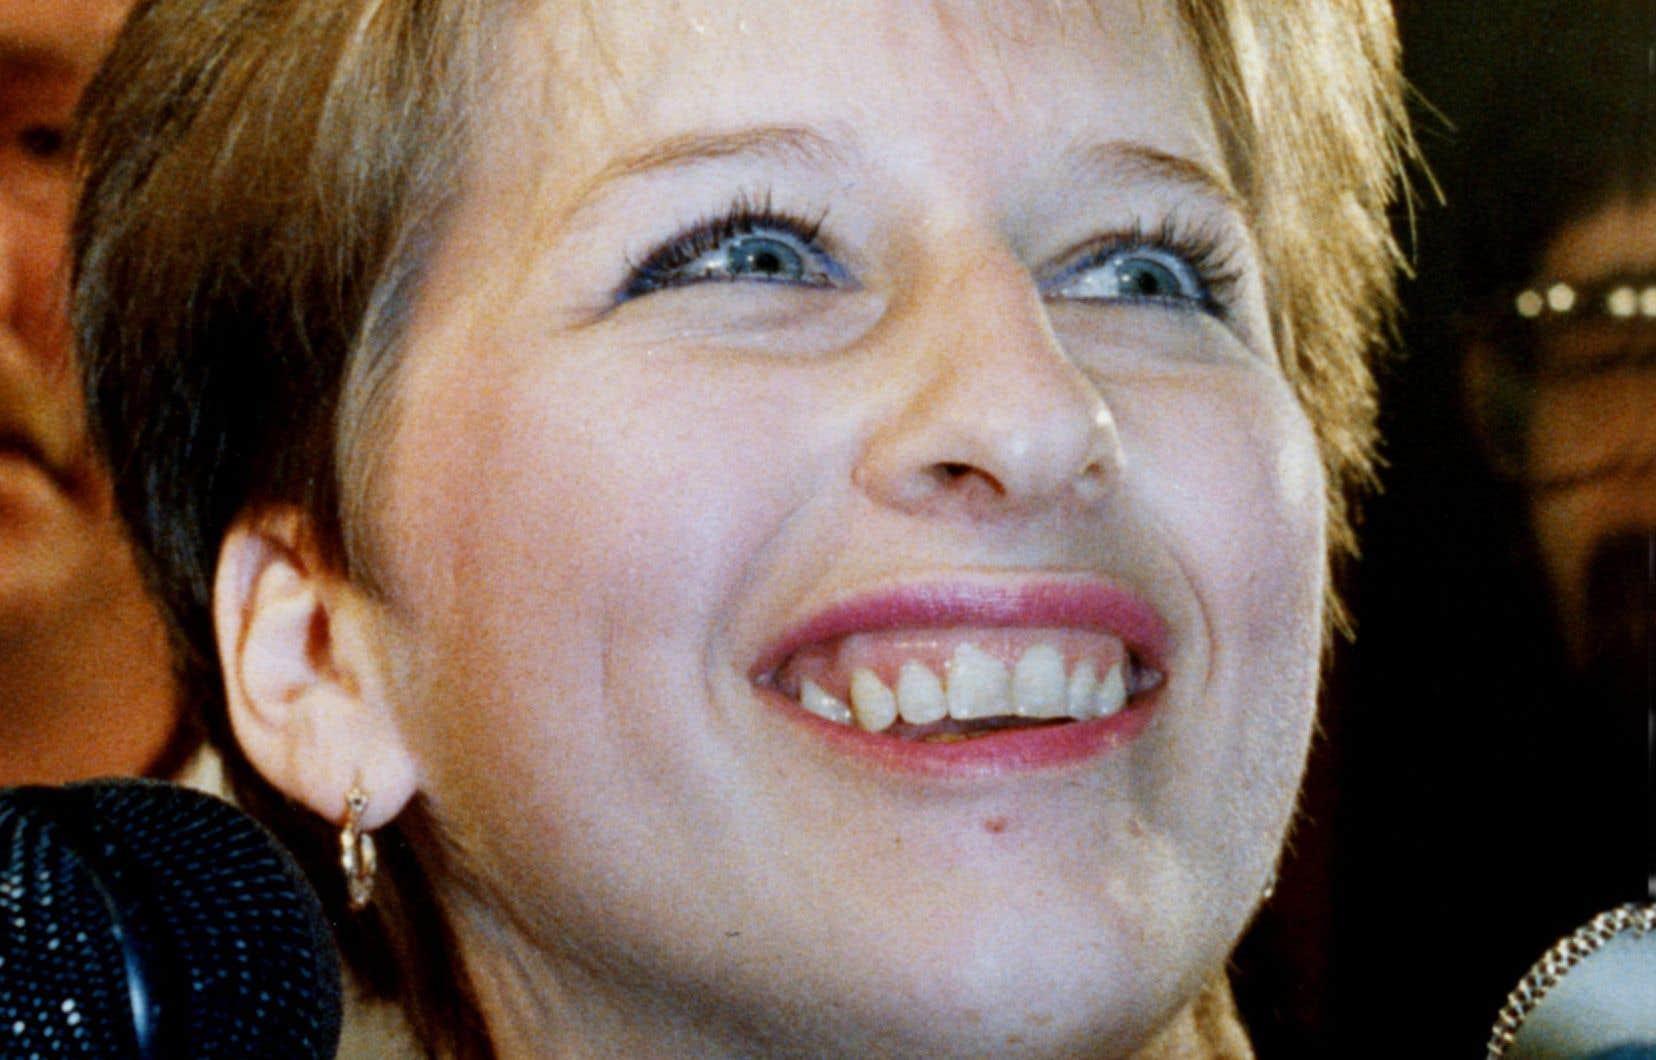 Chantal Daigle est tout sourire alors qu'elle quitte le palais de justice de Québec, le 19 juillet 1989, après avoir obtenu le droit de faire appel d'une injonction l'empêchant de se faire avorter.